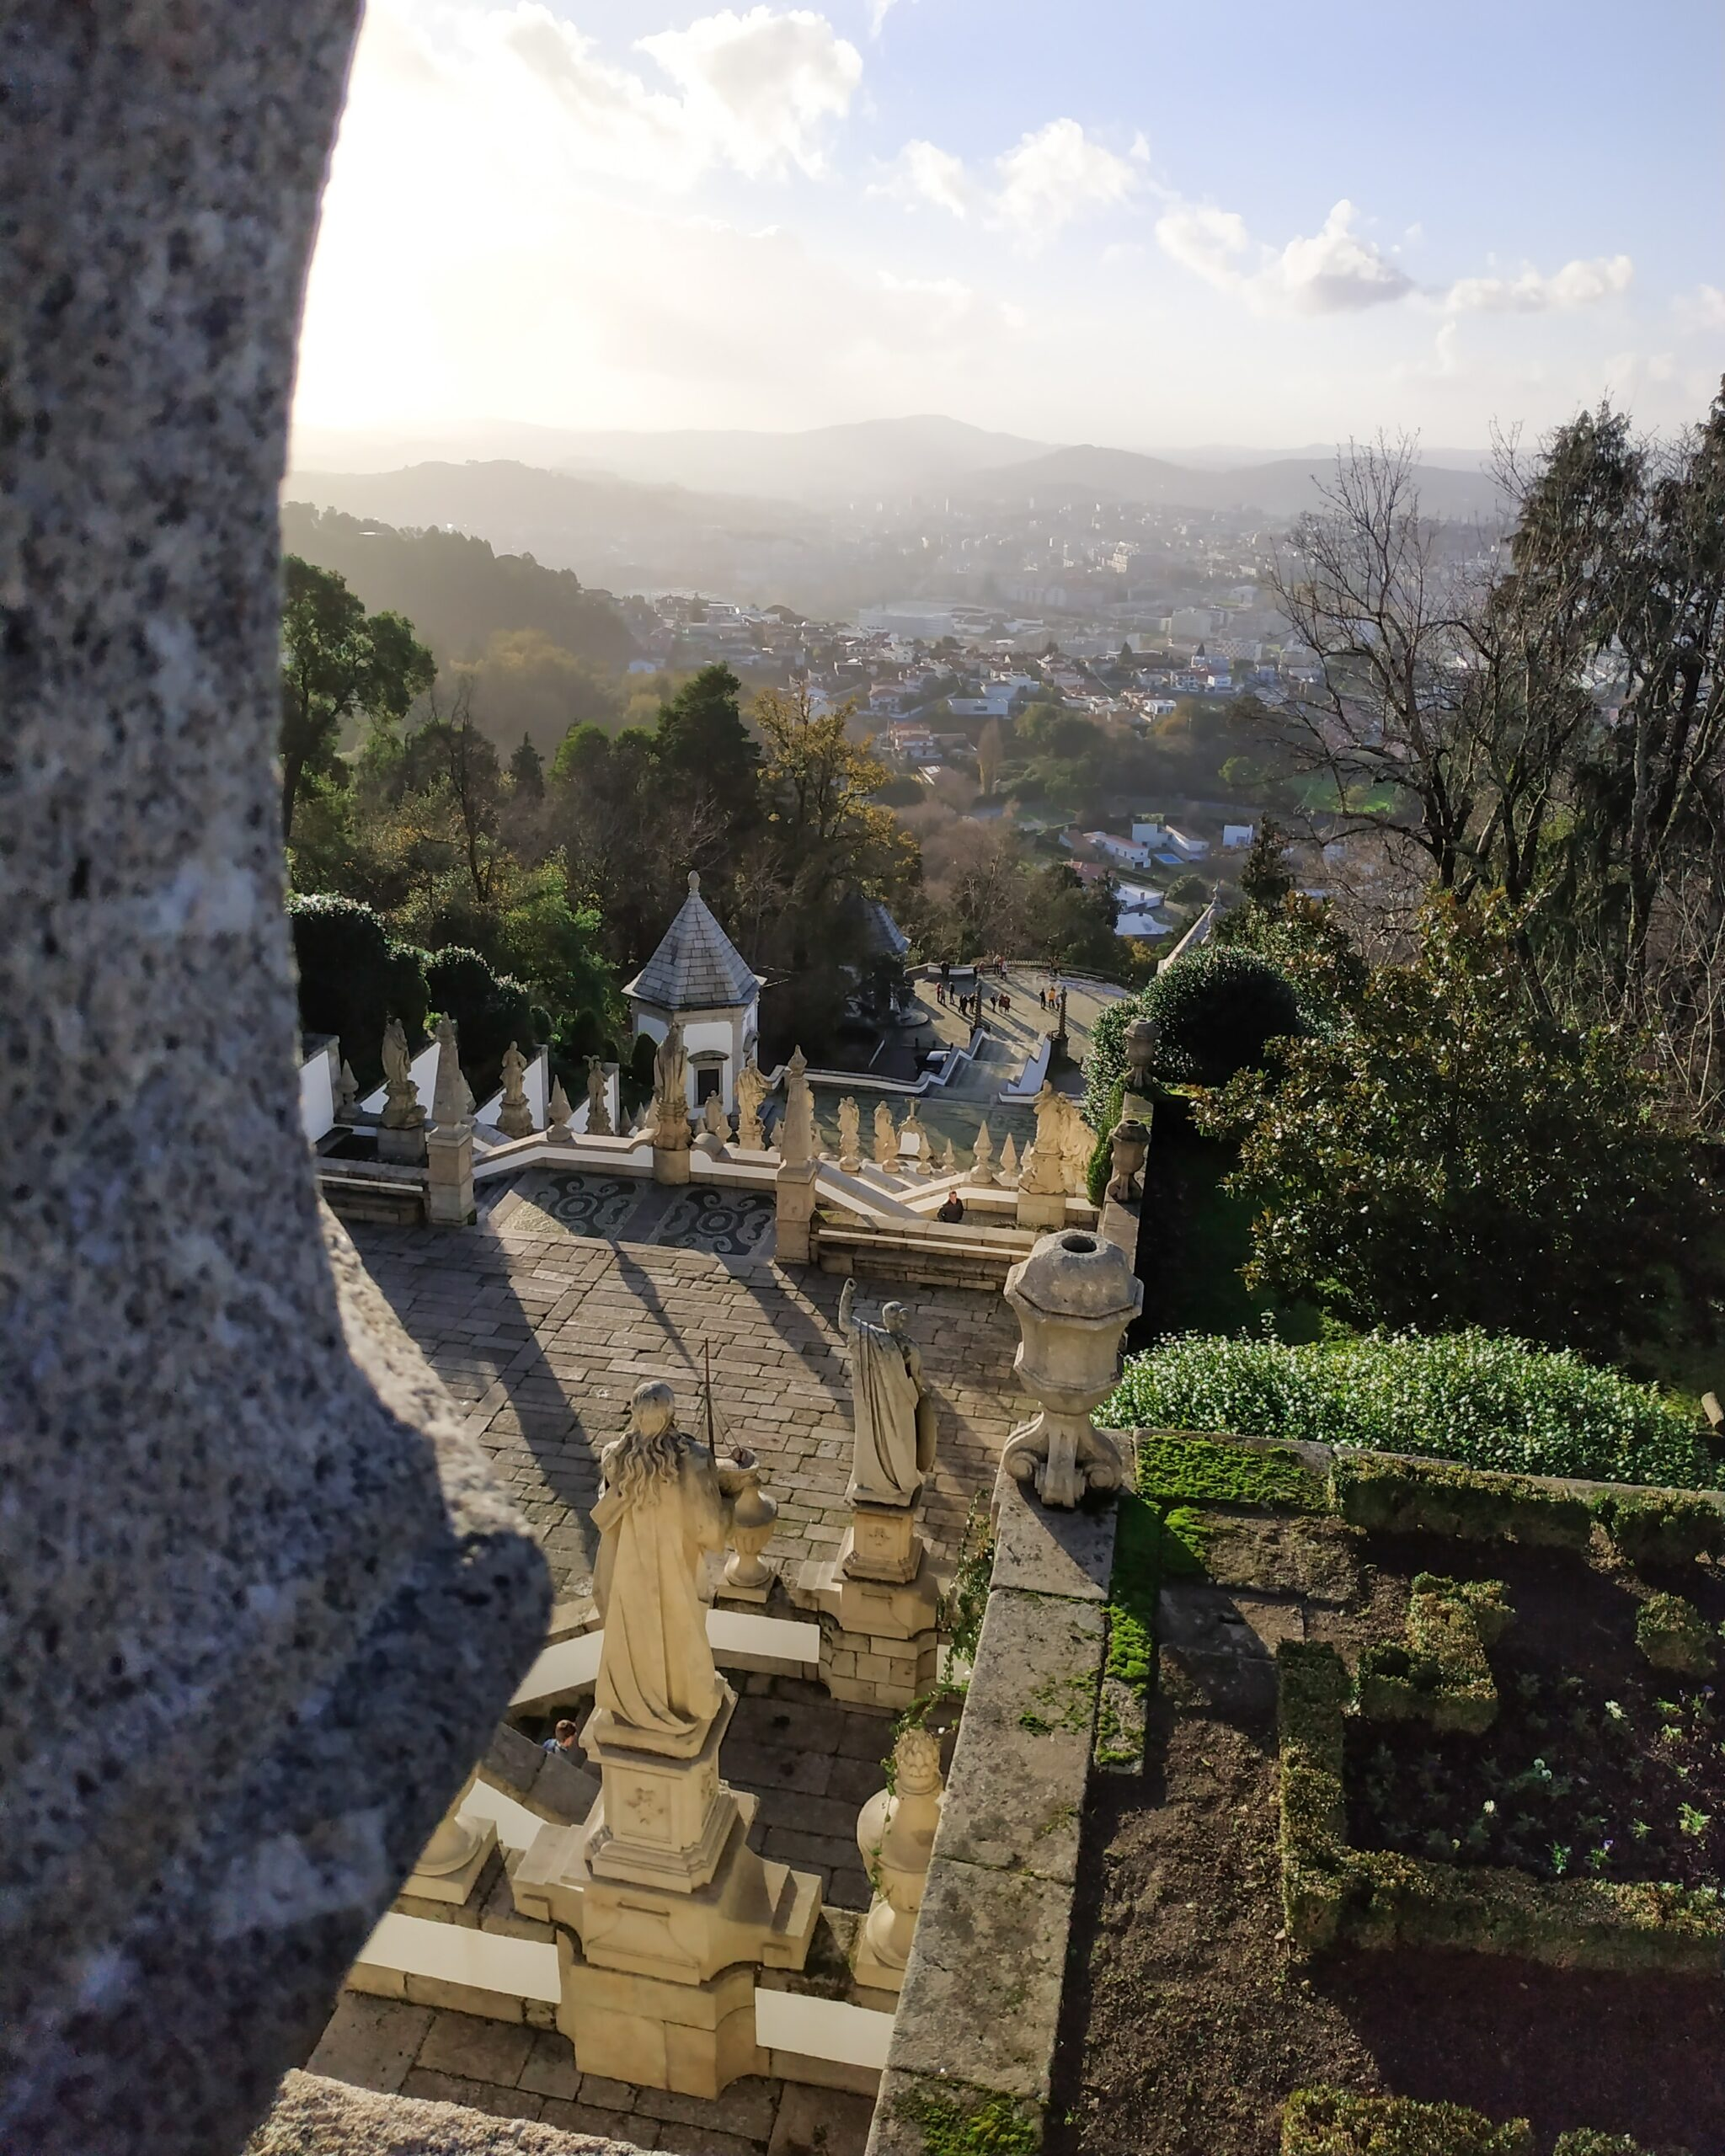 City of Braga voted 'Best European destination' to visit in 2021